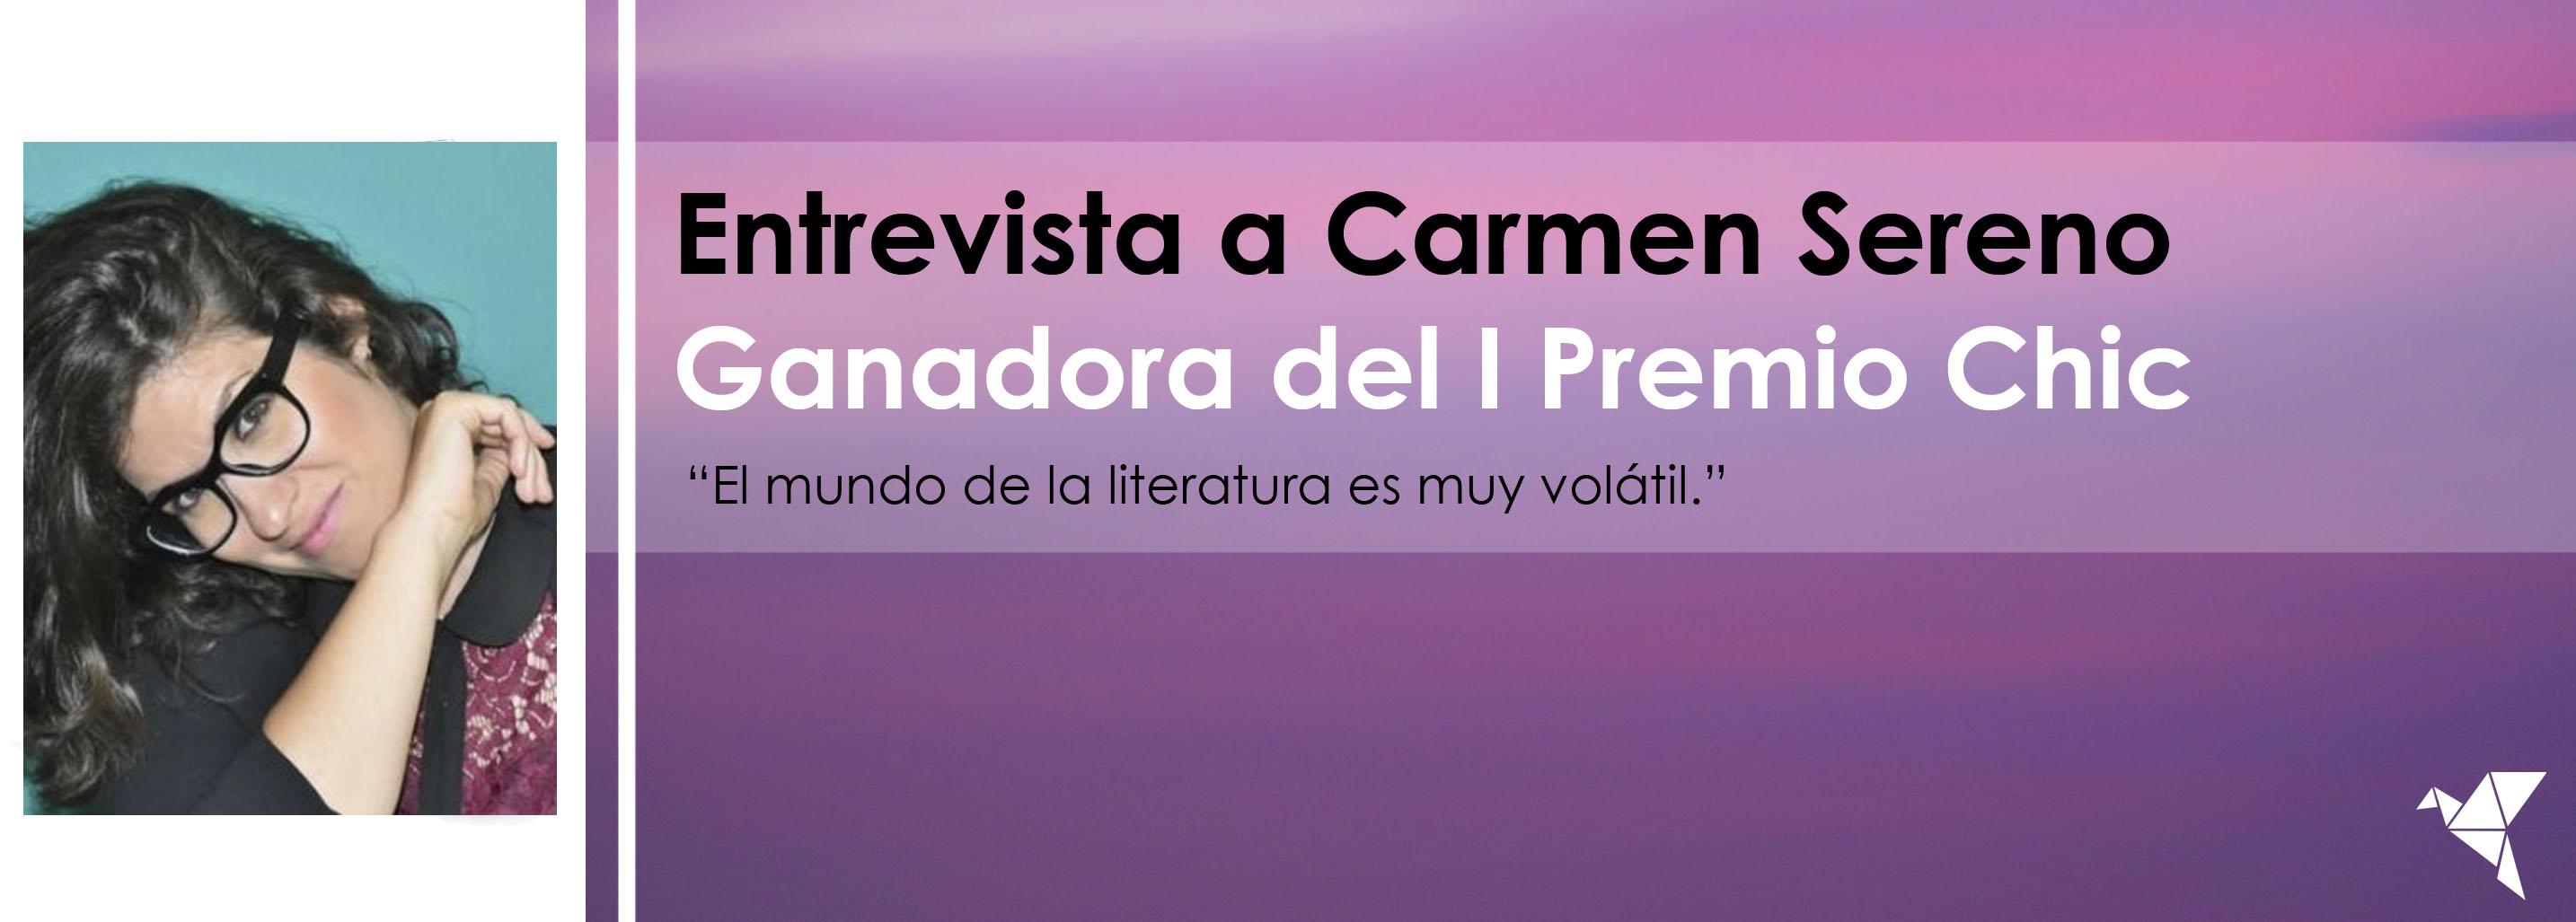 Entrevista a Carmen Sereno, ganadora del I Premio Chic de Principal de Libros